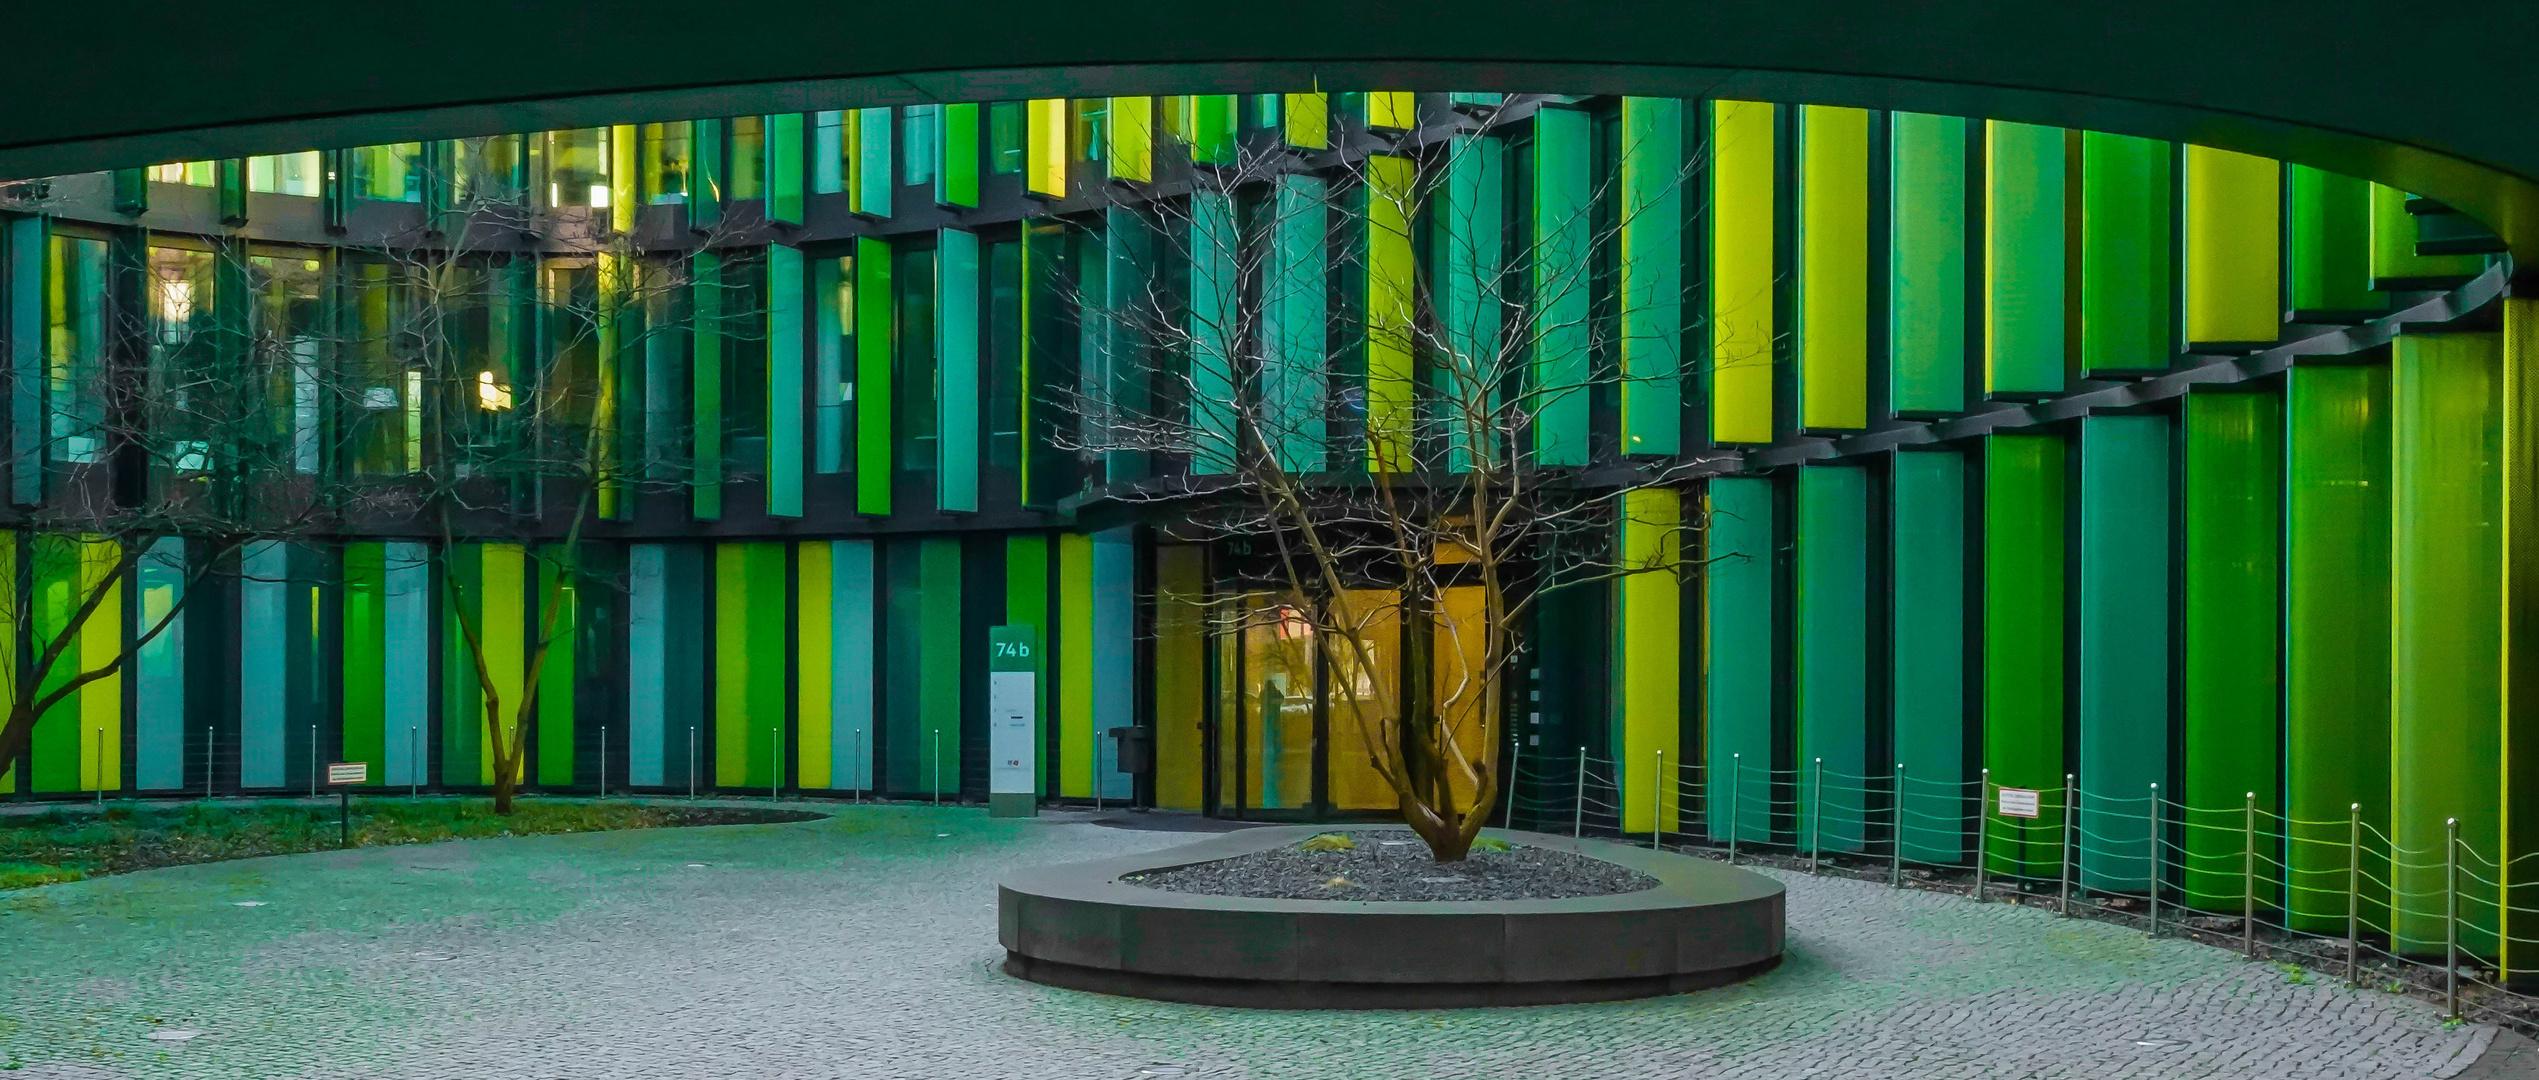 Cologne Oval Office Köln (04)